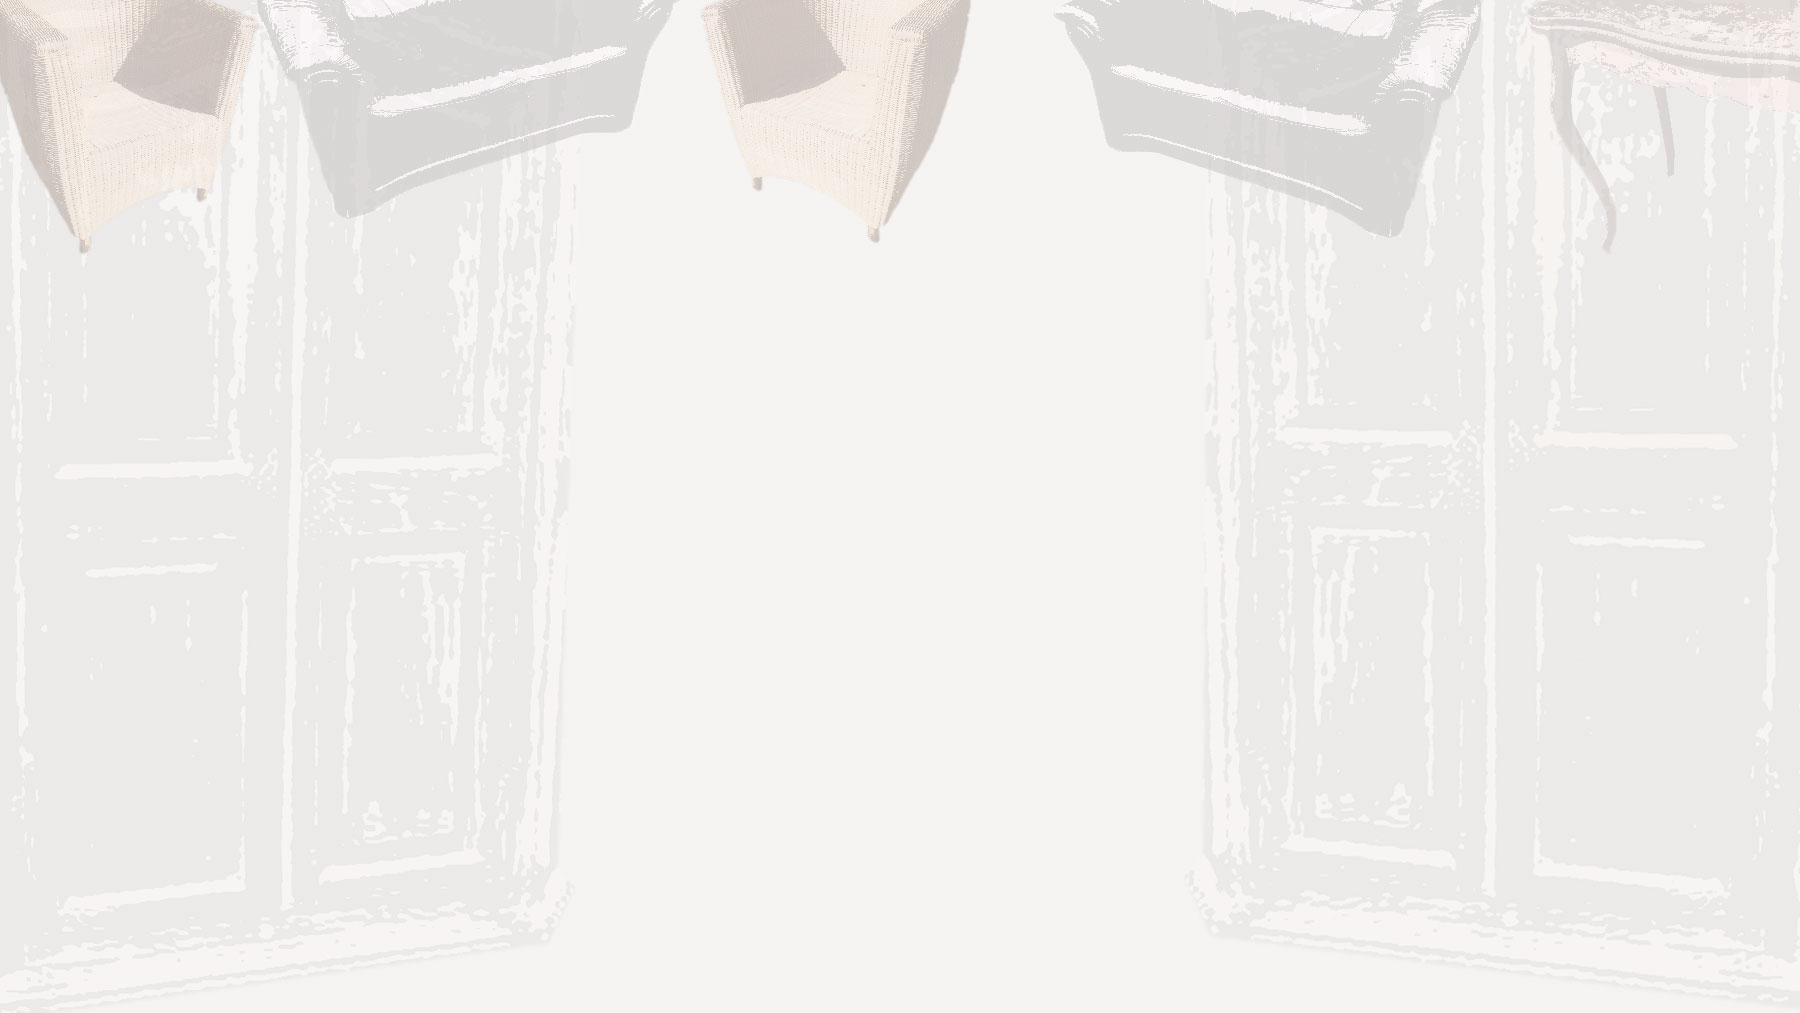 Full Size of Gebrauchte Betten Gebraucht Mbel Zentrale Bremen Gebrauchtmbel Gut Und Gnstig Außergewöhnliche Innocent Ruf Fabrikverkauf Treca Japanische Bonprix Somnus Bett Gebrauchte Betten